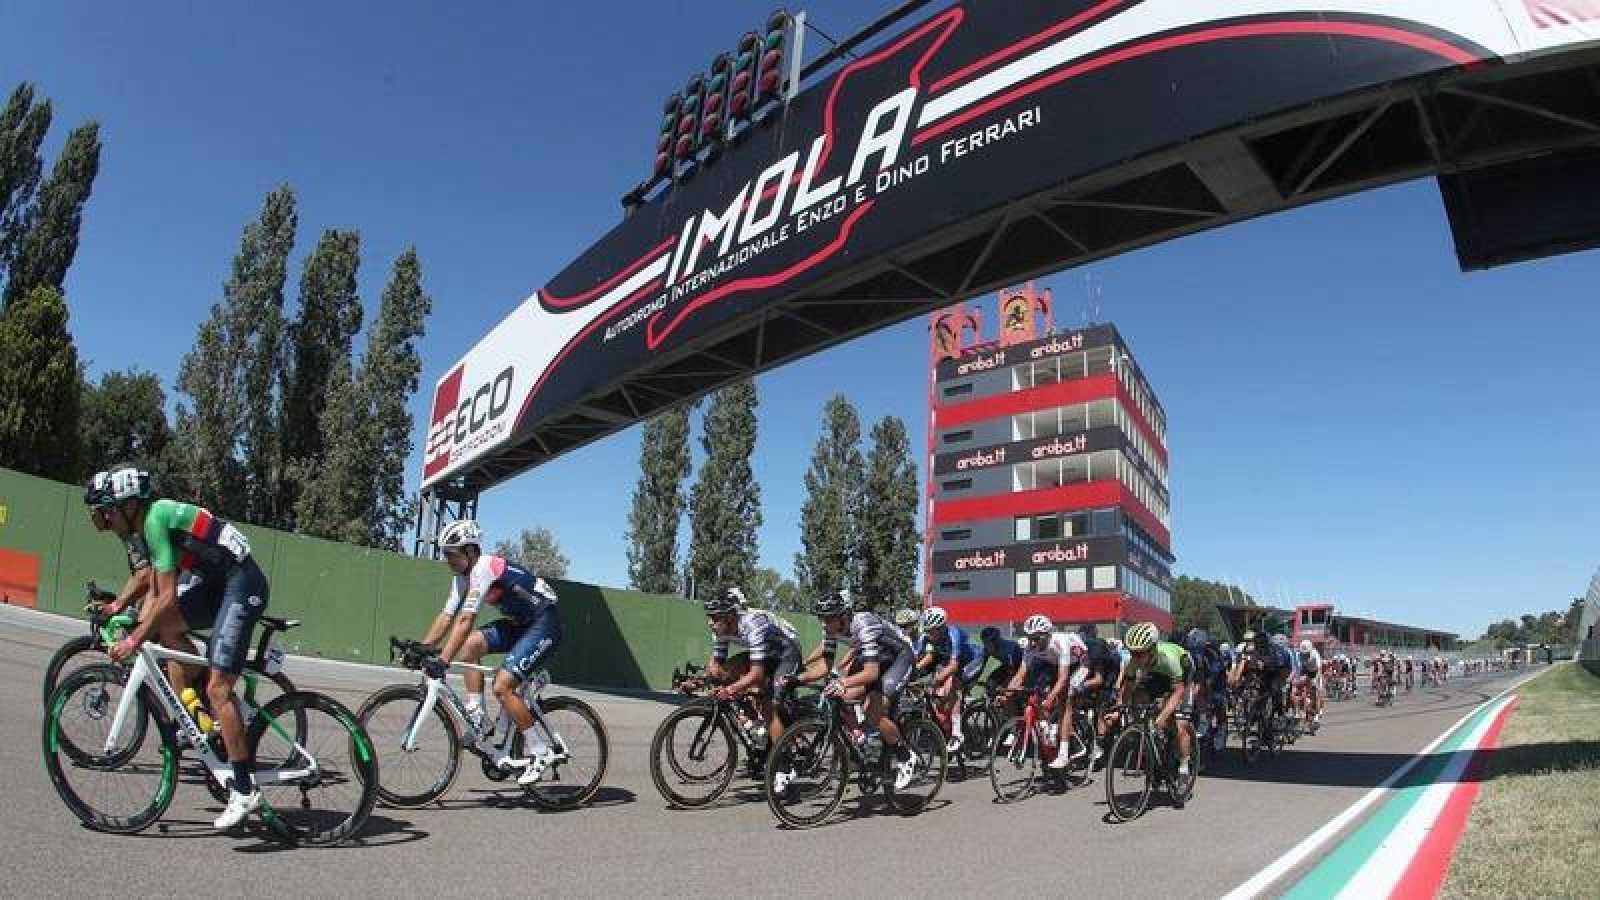 El circuito de Imola acogerá los Mundiales de ciclismo.